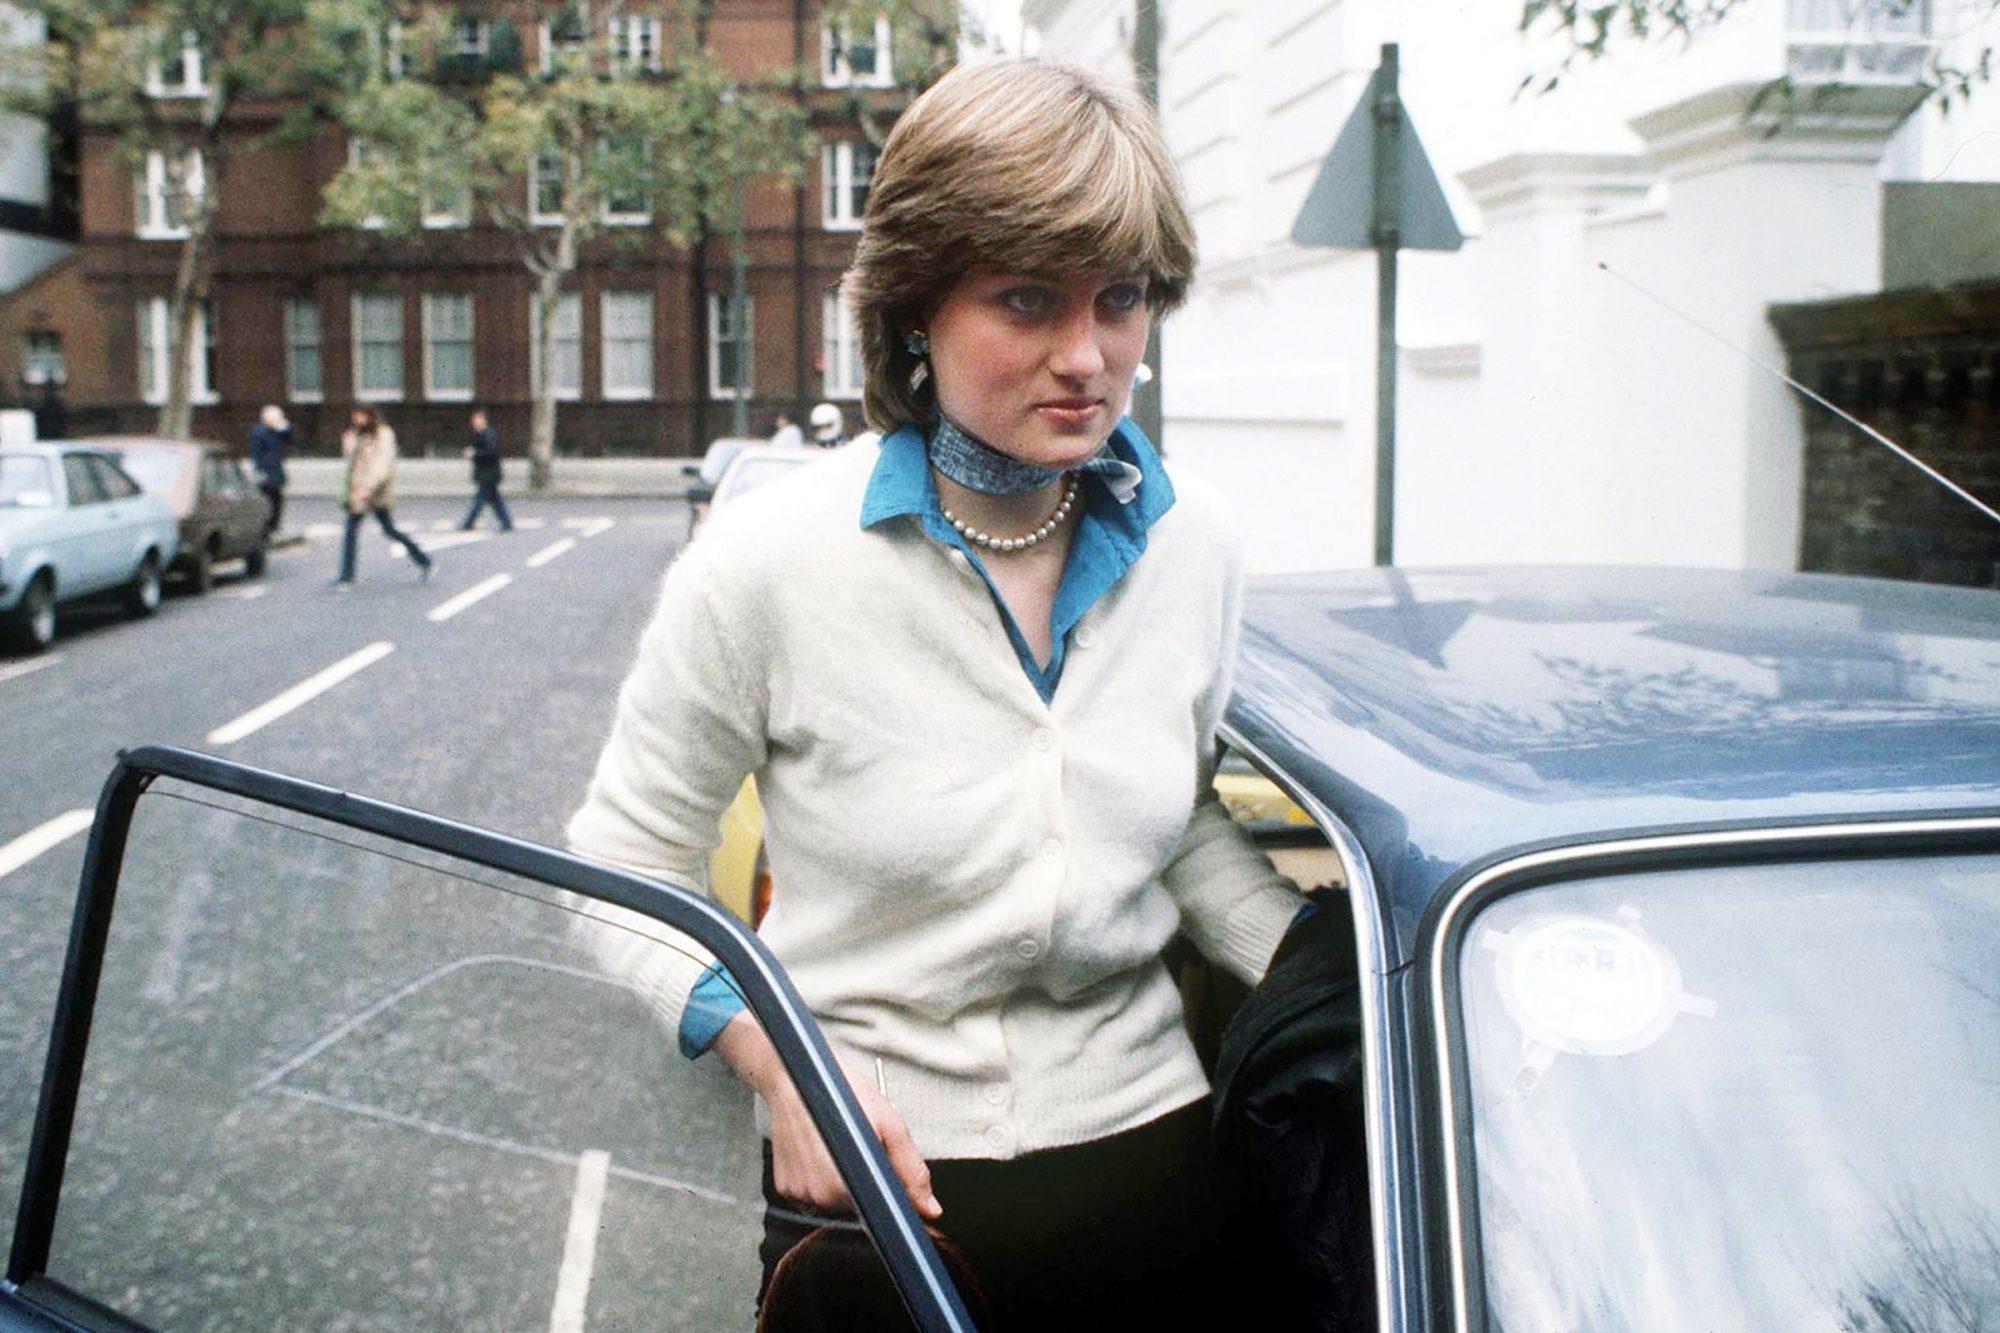 Ikonë e modës, 15 pulovra të Lady Diana-s nga të cilat mund të frymëzoheni për sezonin vjeshtë-dimër (FOTO LAJM)